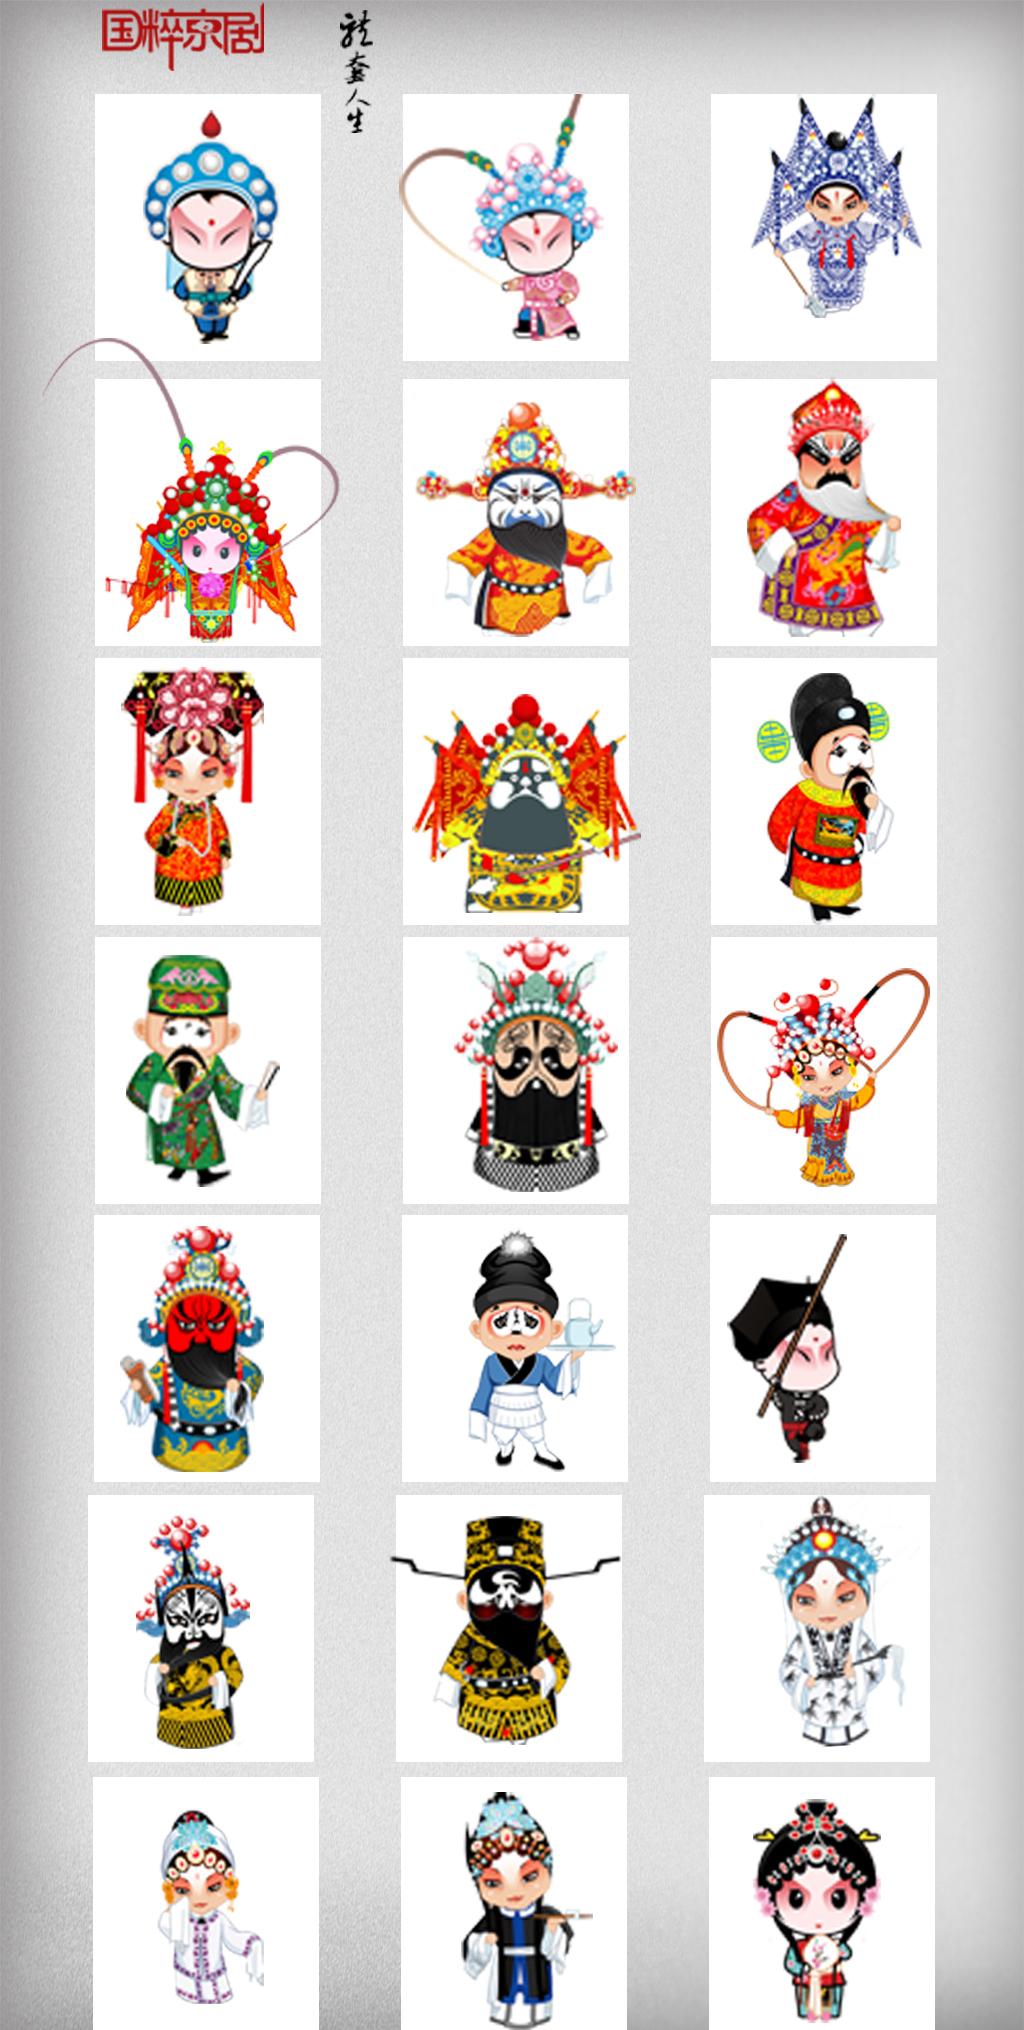 卡通中国风戏剧人物